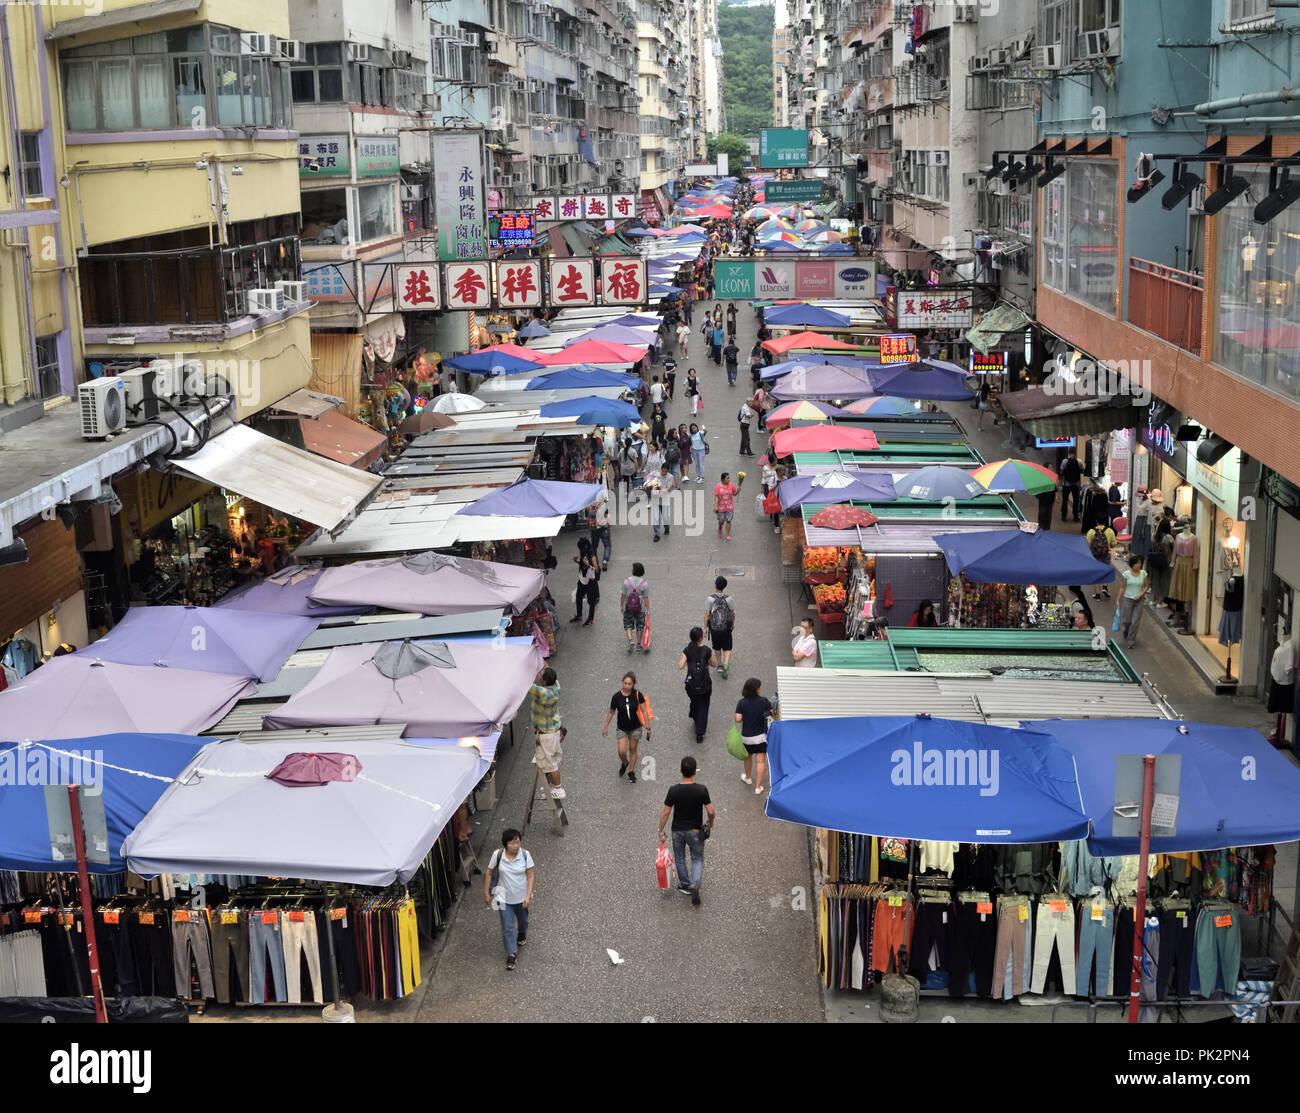 Street stalls in Mong  Kok, Kowloon, Hong Kong - Stock Image